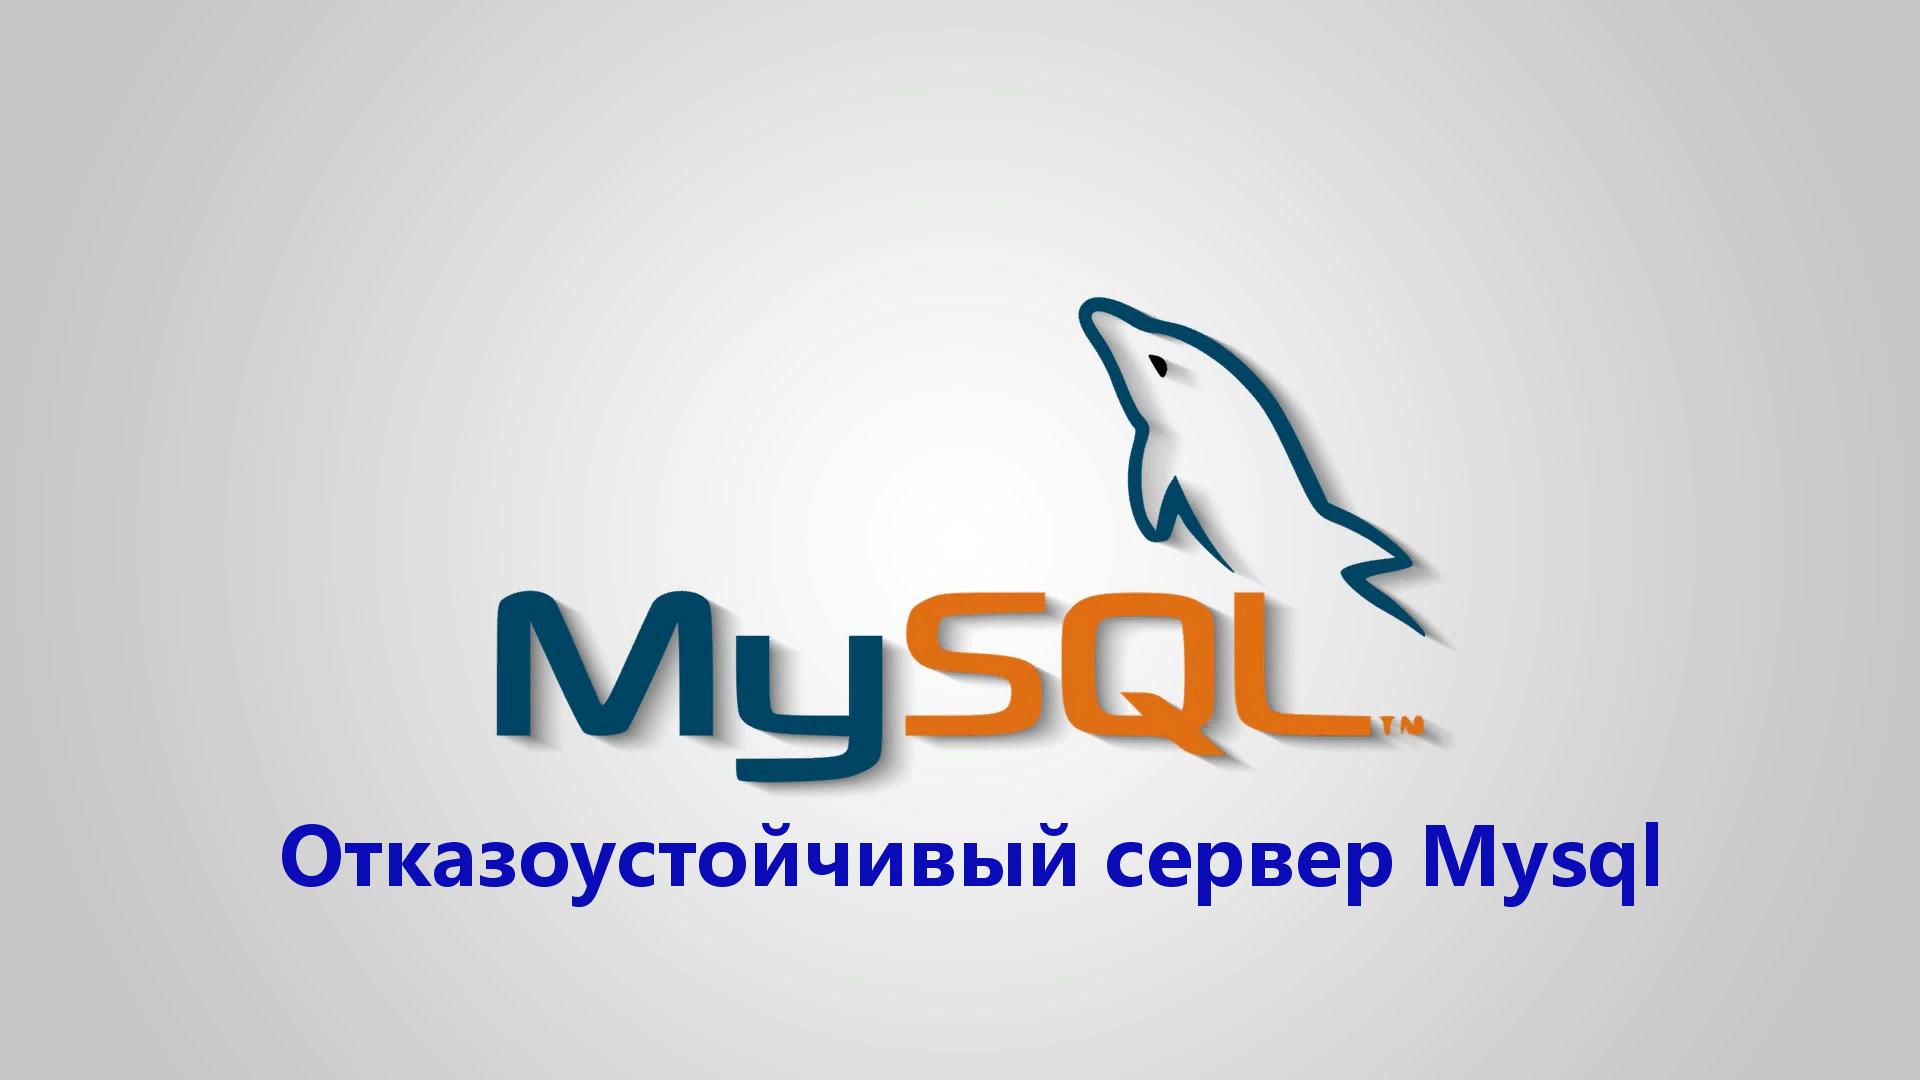 🧬 Простой способ сделать сервер MySQL отказоустойчивым